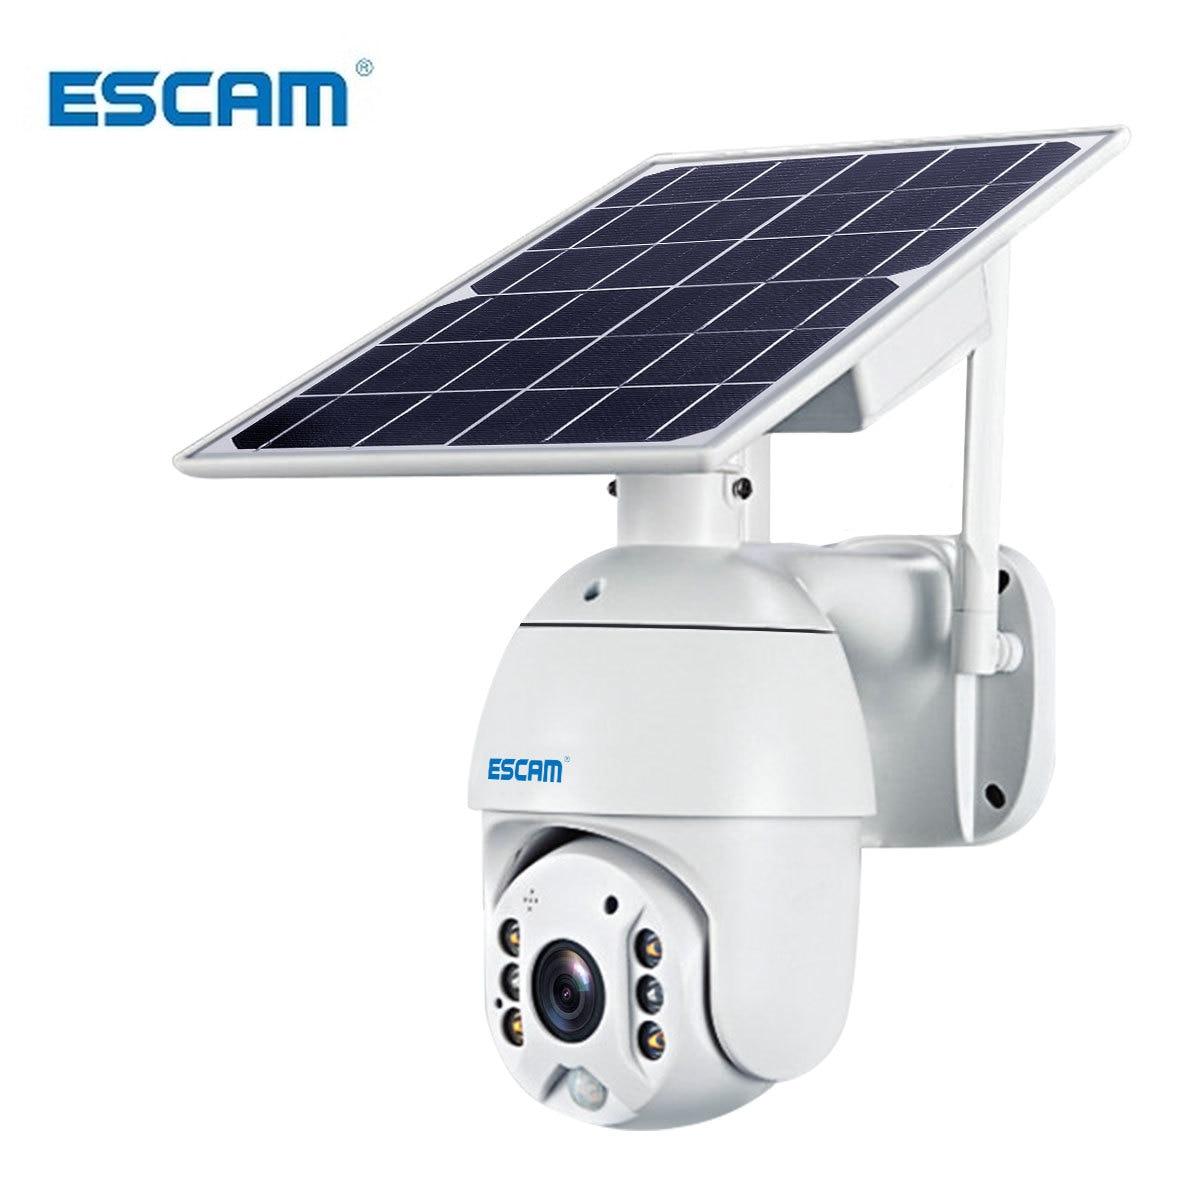 ESCAM-كاميرا مراقبة خارجية تعمل بالطاقة الشمسية Wifi QF280 1080p ، جهاز أمان لاسلكي ، منزل ذكي ، مقاوم للماء ، مع صوت ثنائي الاتجاه